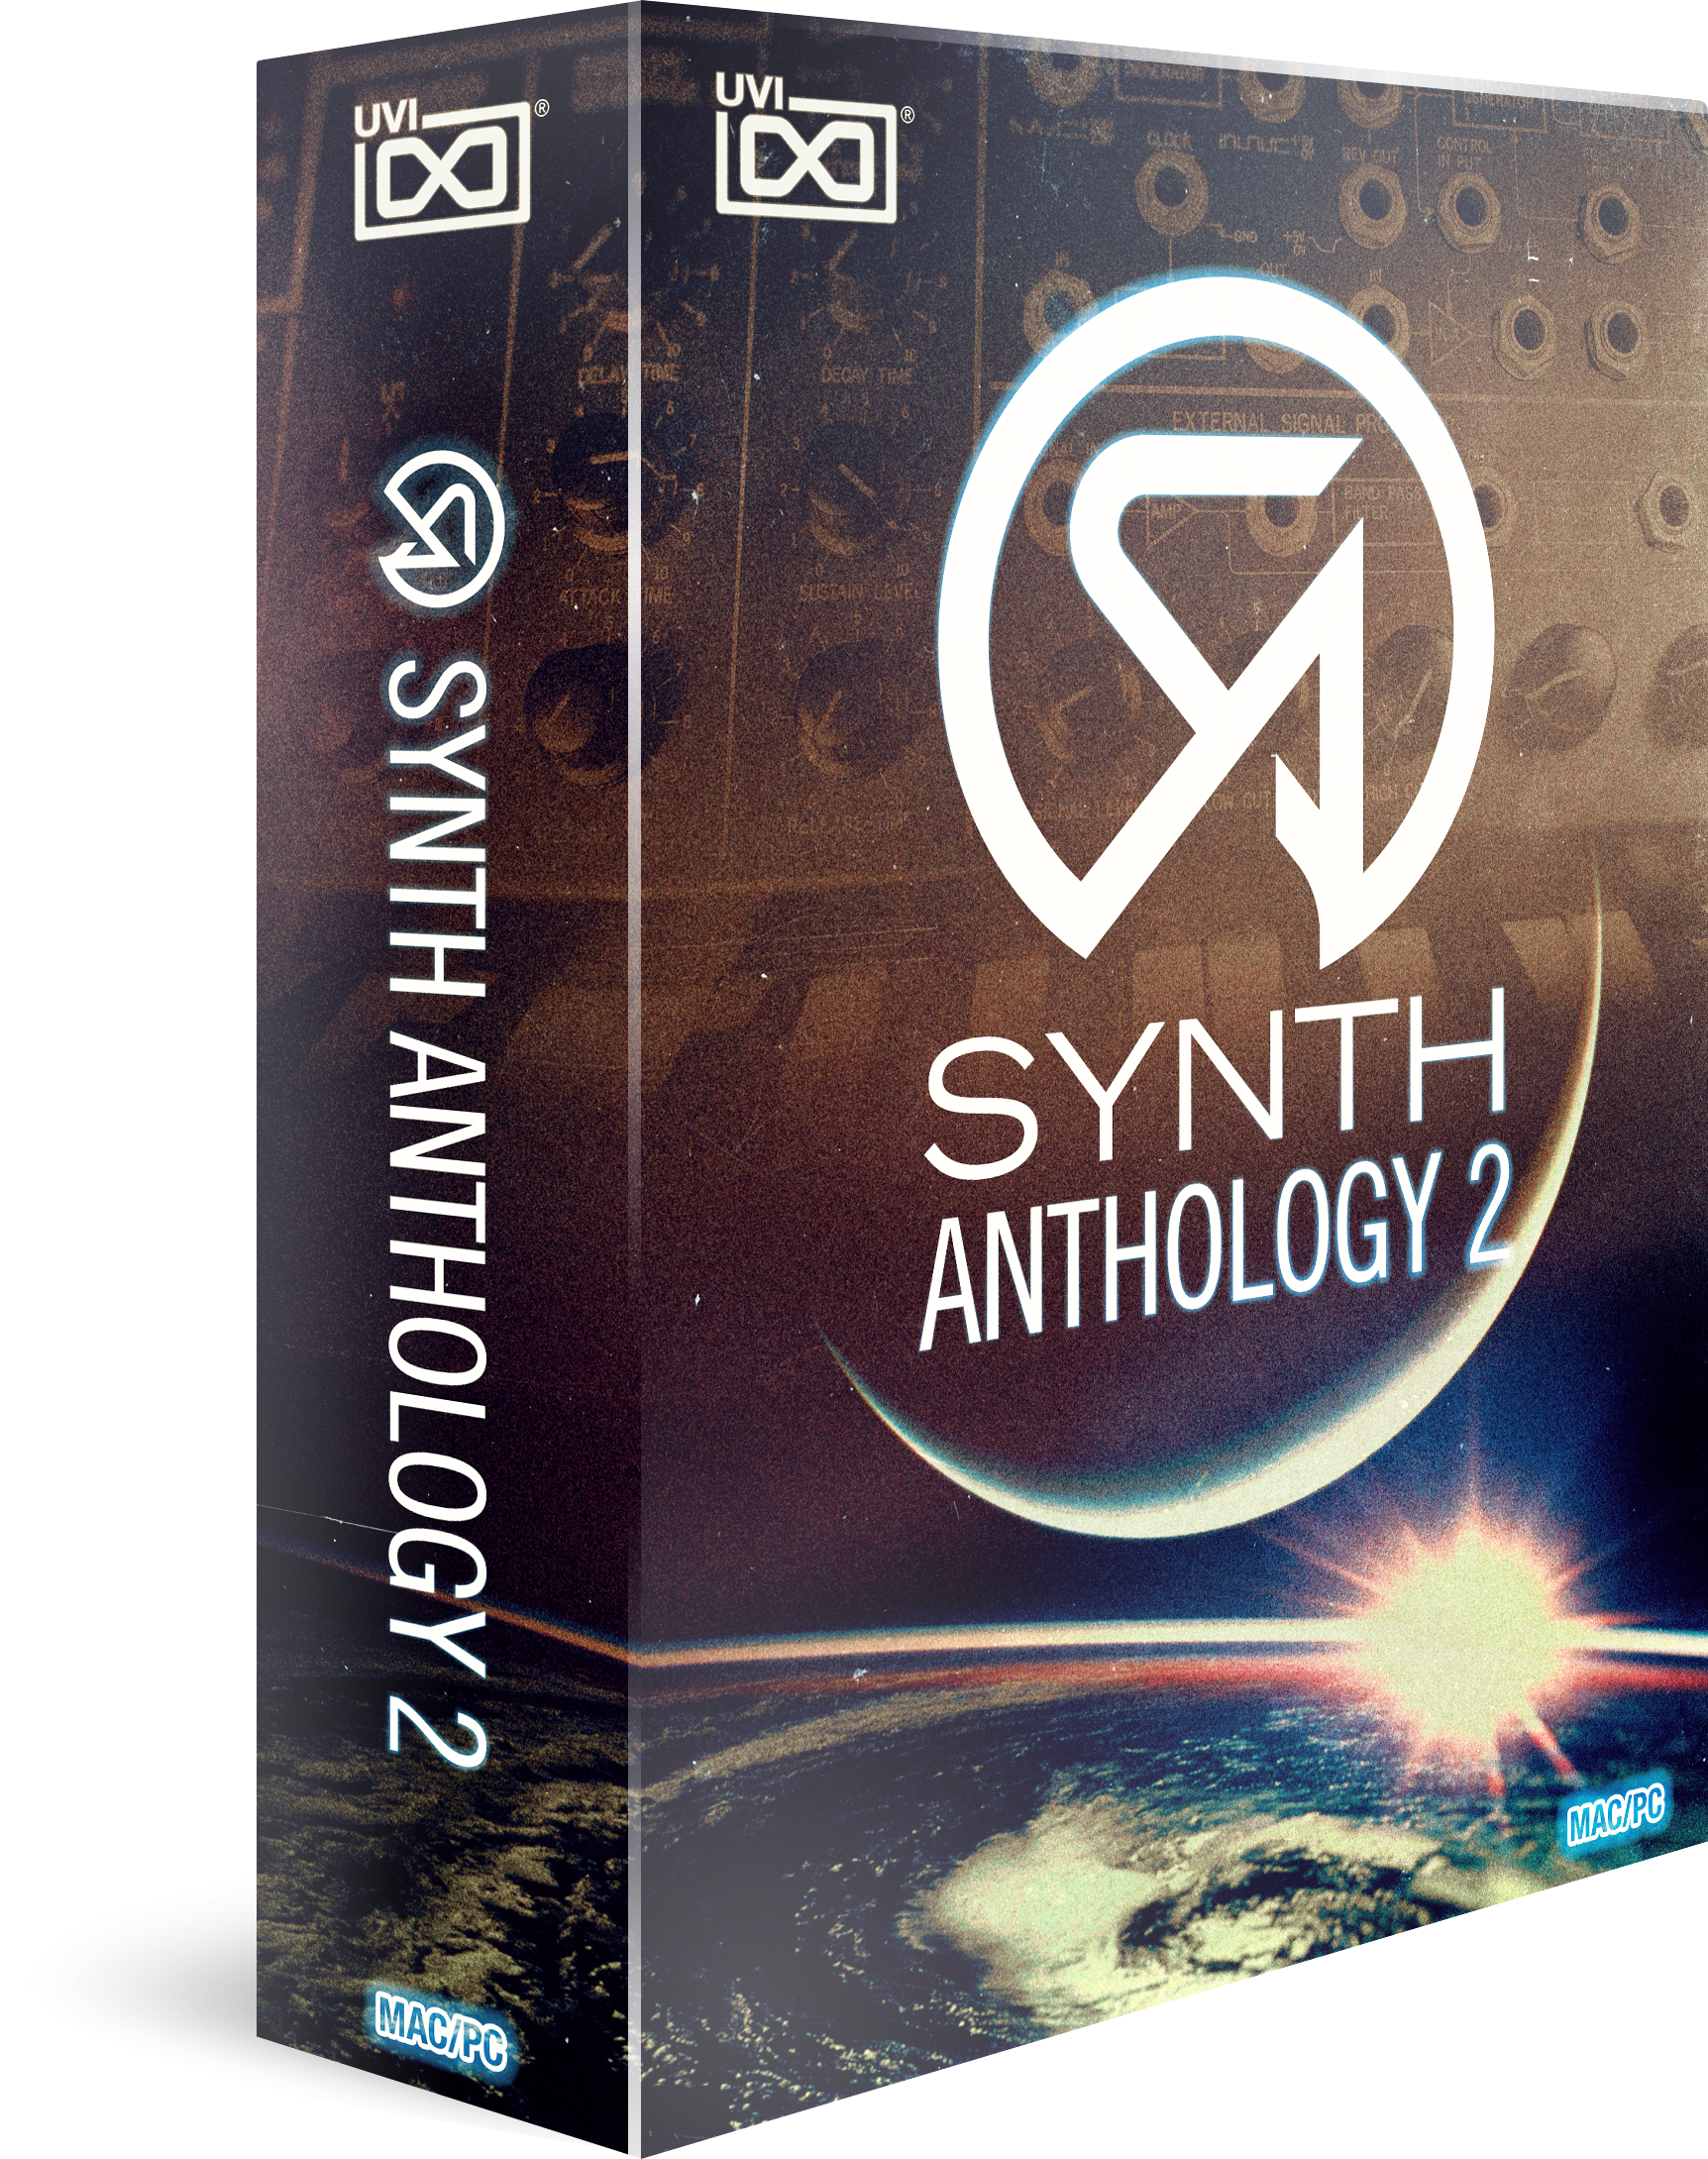 Synth Anthology II